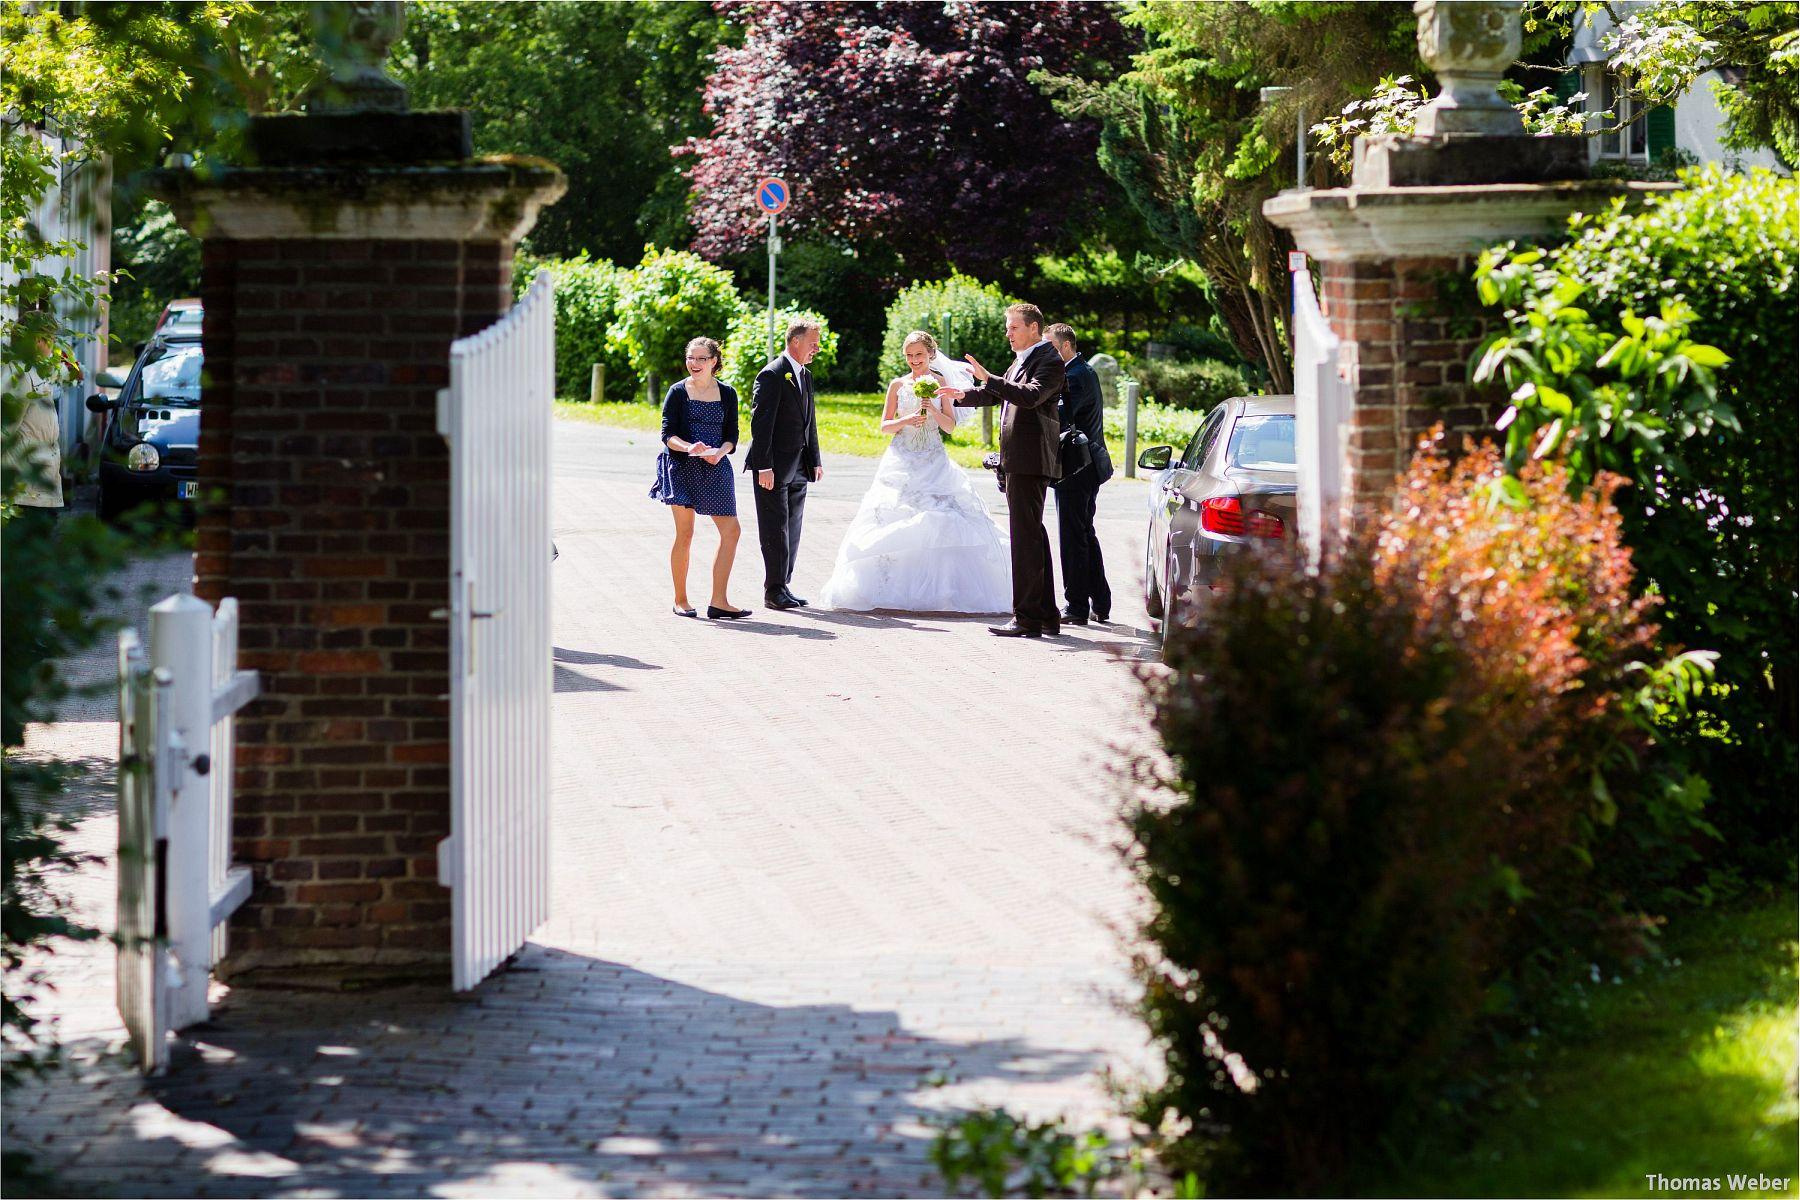 Hochzeitsfotograf Papenburg: Standesamtliche Trauung auf der Burg Kniphausen und Feier im Le Patron am Meer (25)